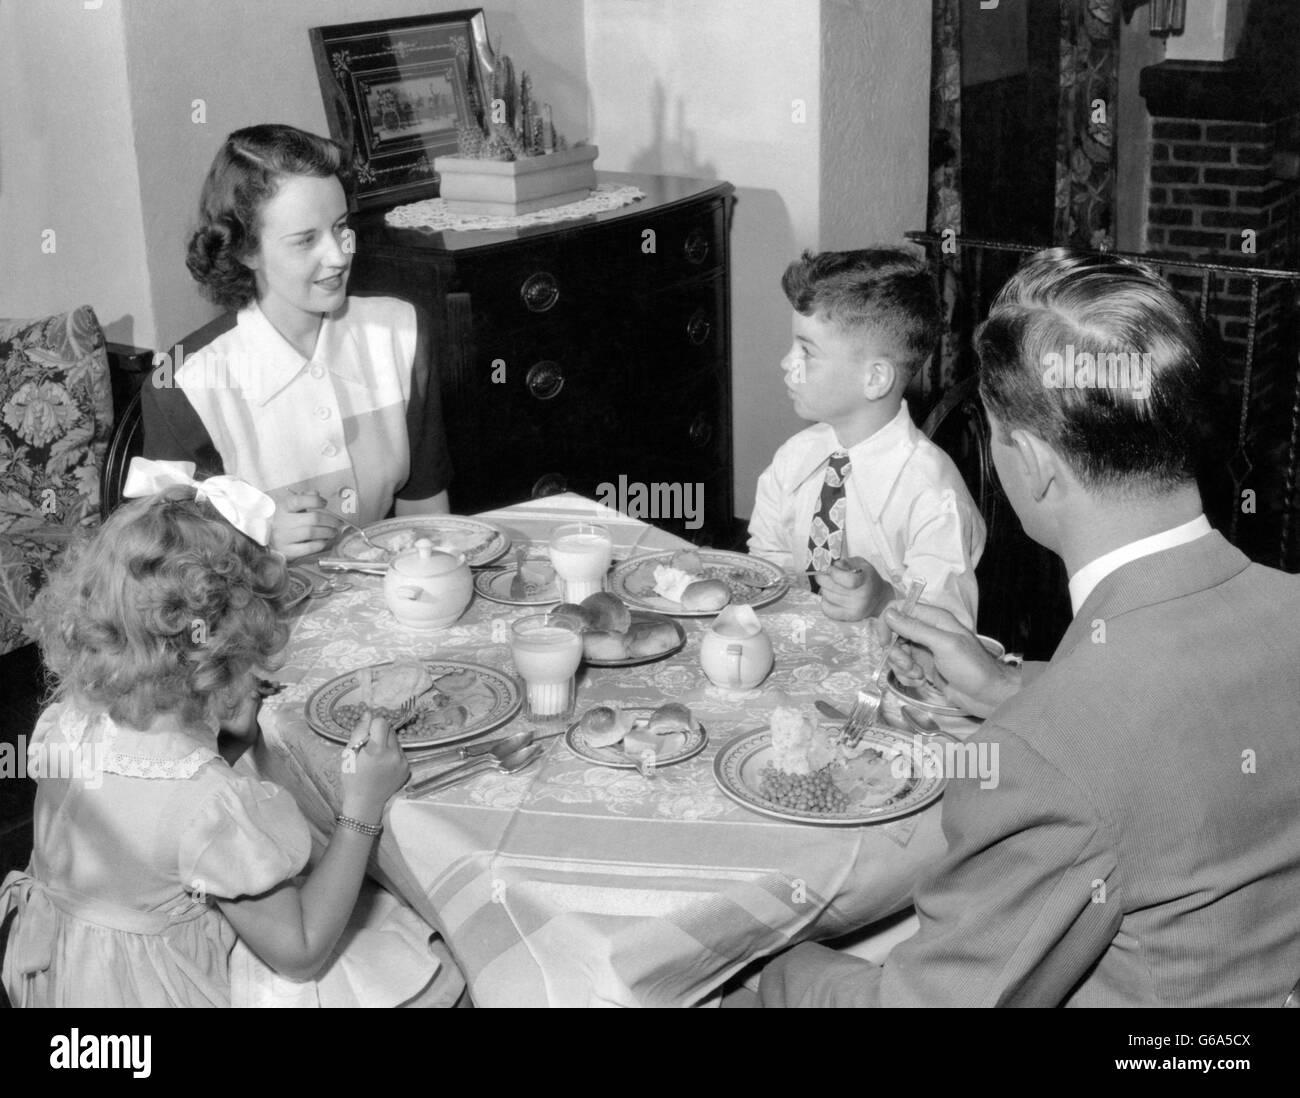 1940s 1950s familie mutter vater junge m dchen essen abendessen am esstisch stockfoto bild. Black Bedroom Furniture Sets. Home Design Ideas